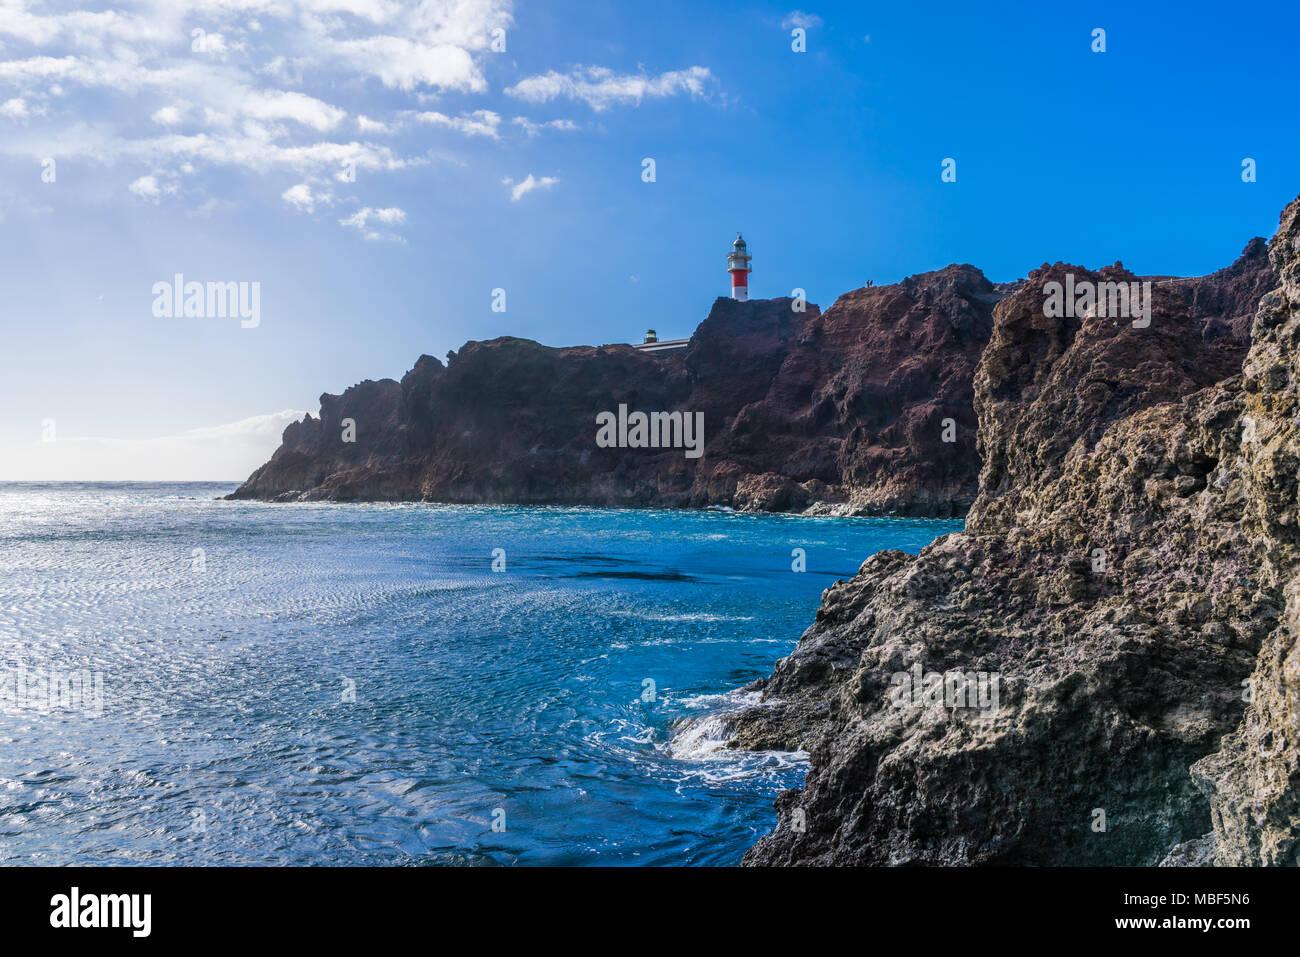 Blick auf Meer und Punta Teno Leuchtturm, Teneriffa, Kanarische Inseln Stockfoto